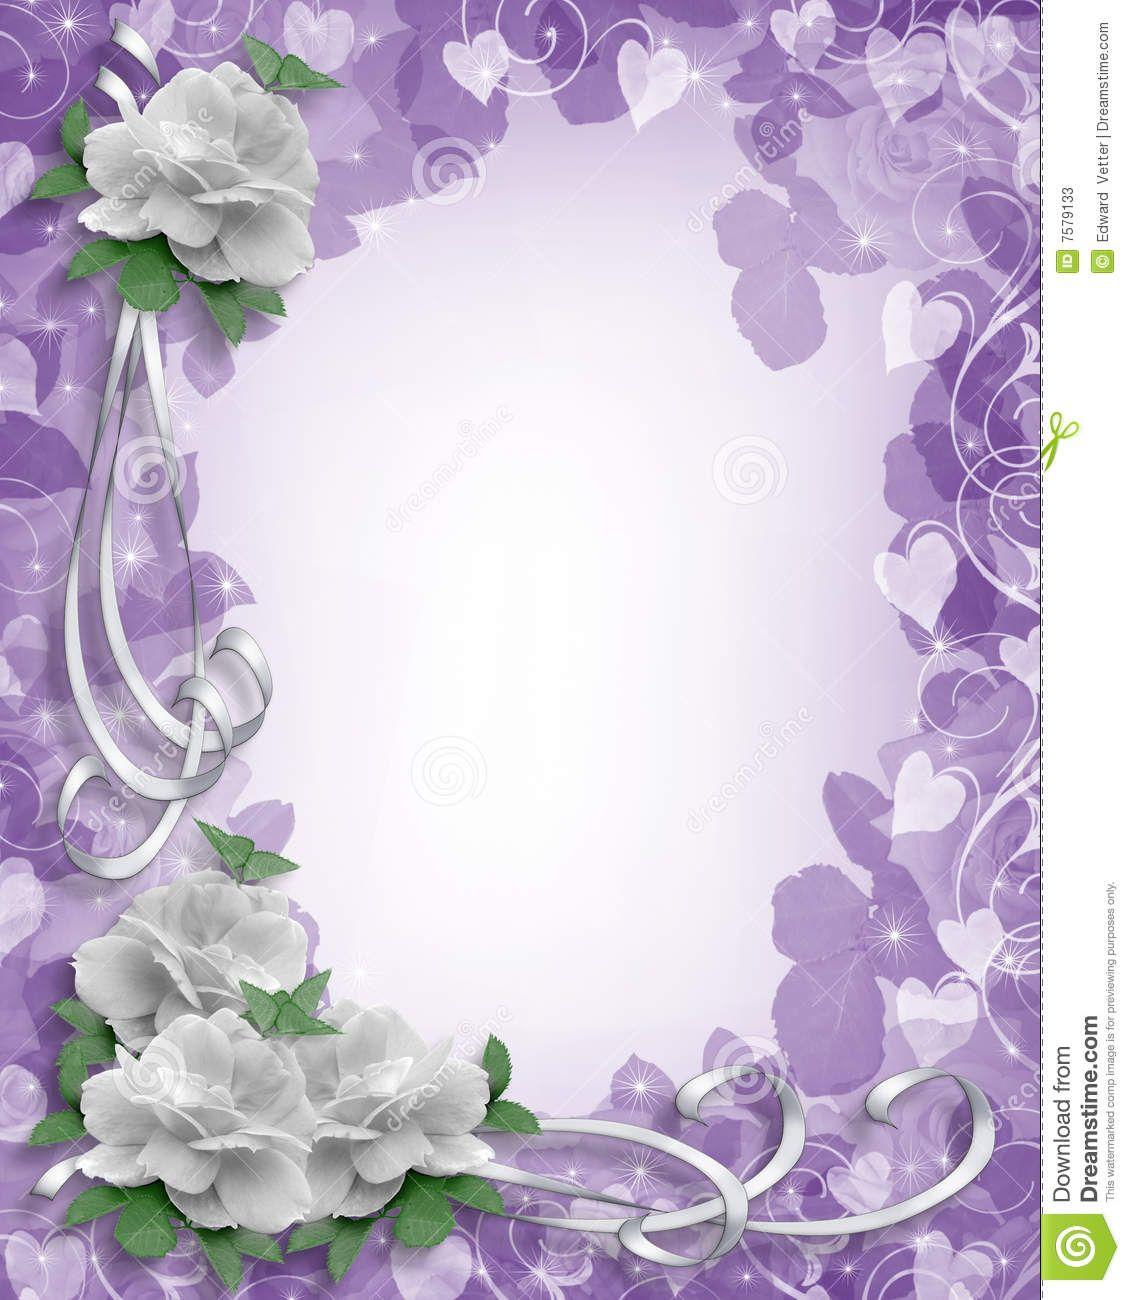 Wedding Border White Roses On Lavender